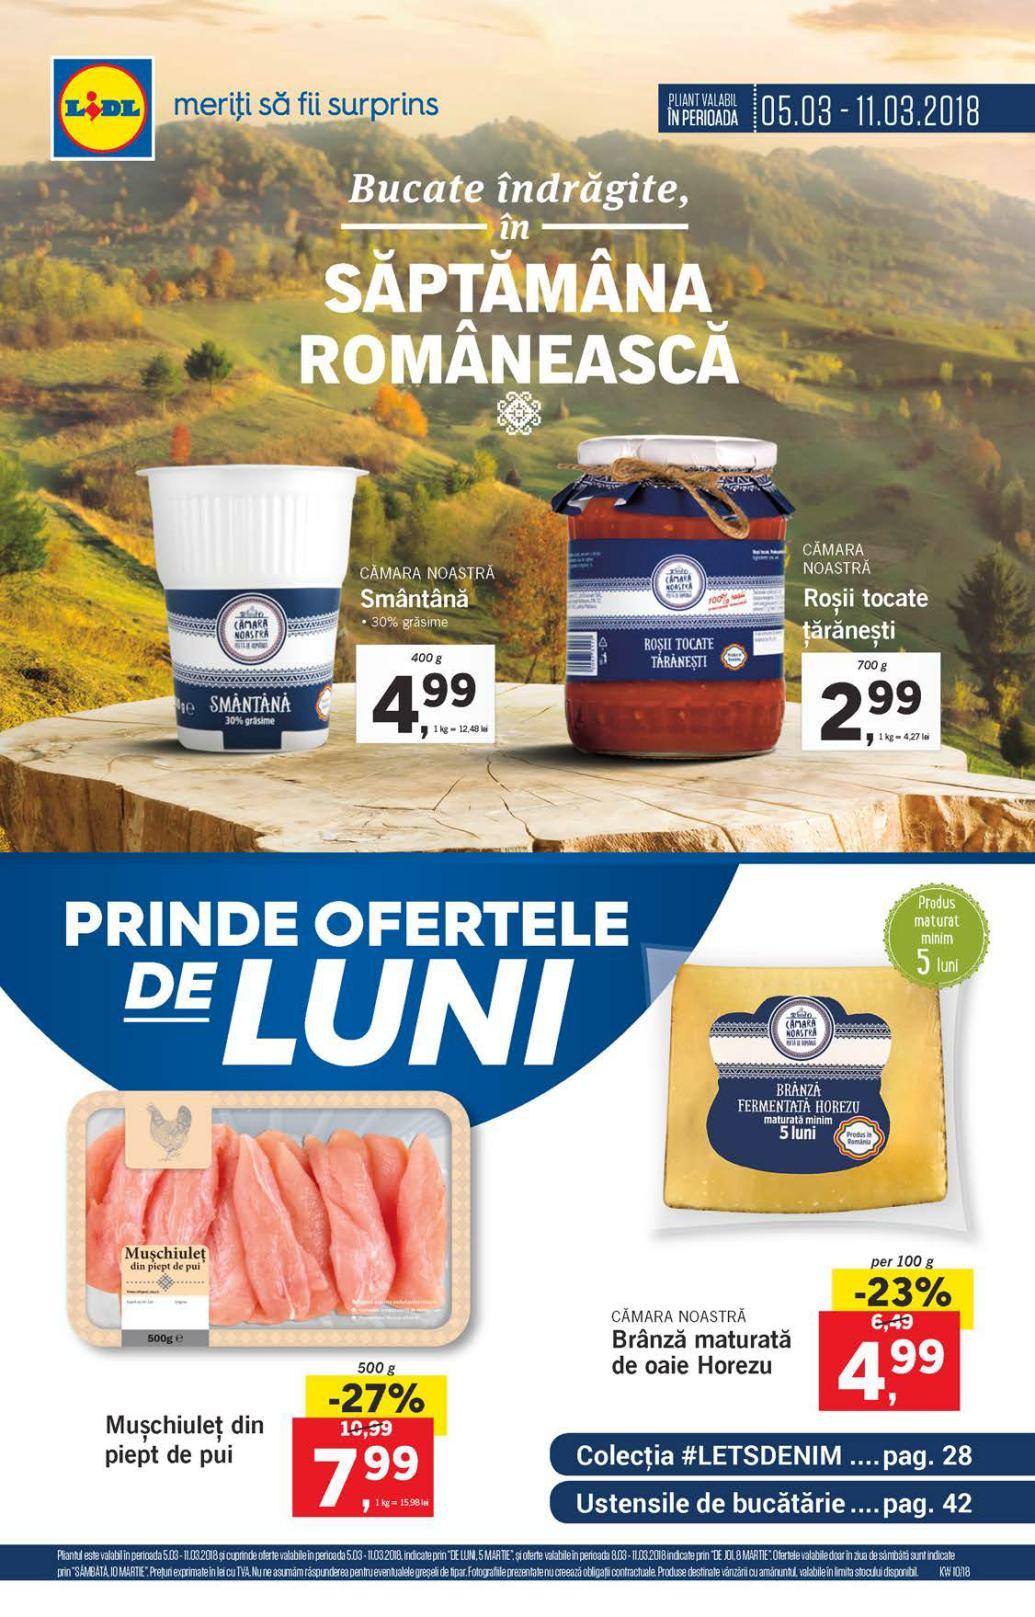 Catalog lidl oferte in saptamana romaneasca 05 11 martie for Cataleg lidl